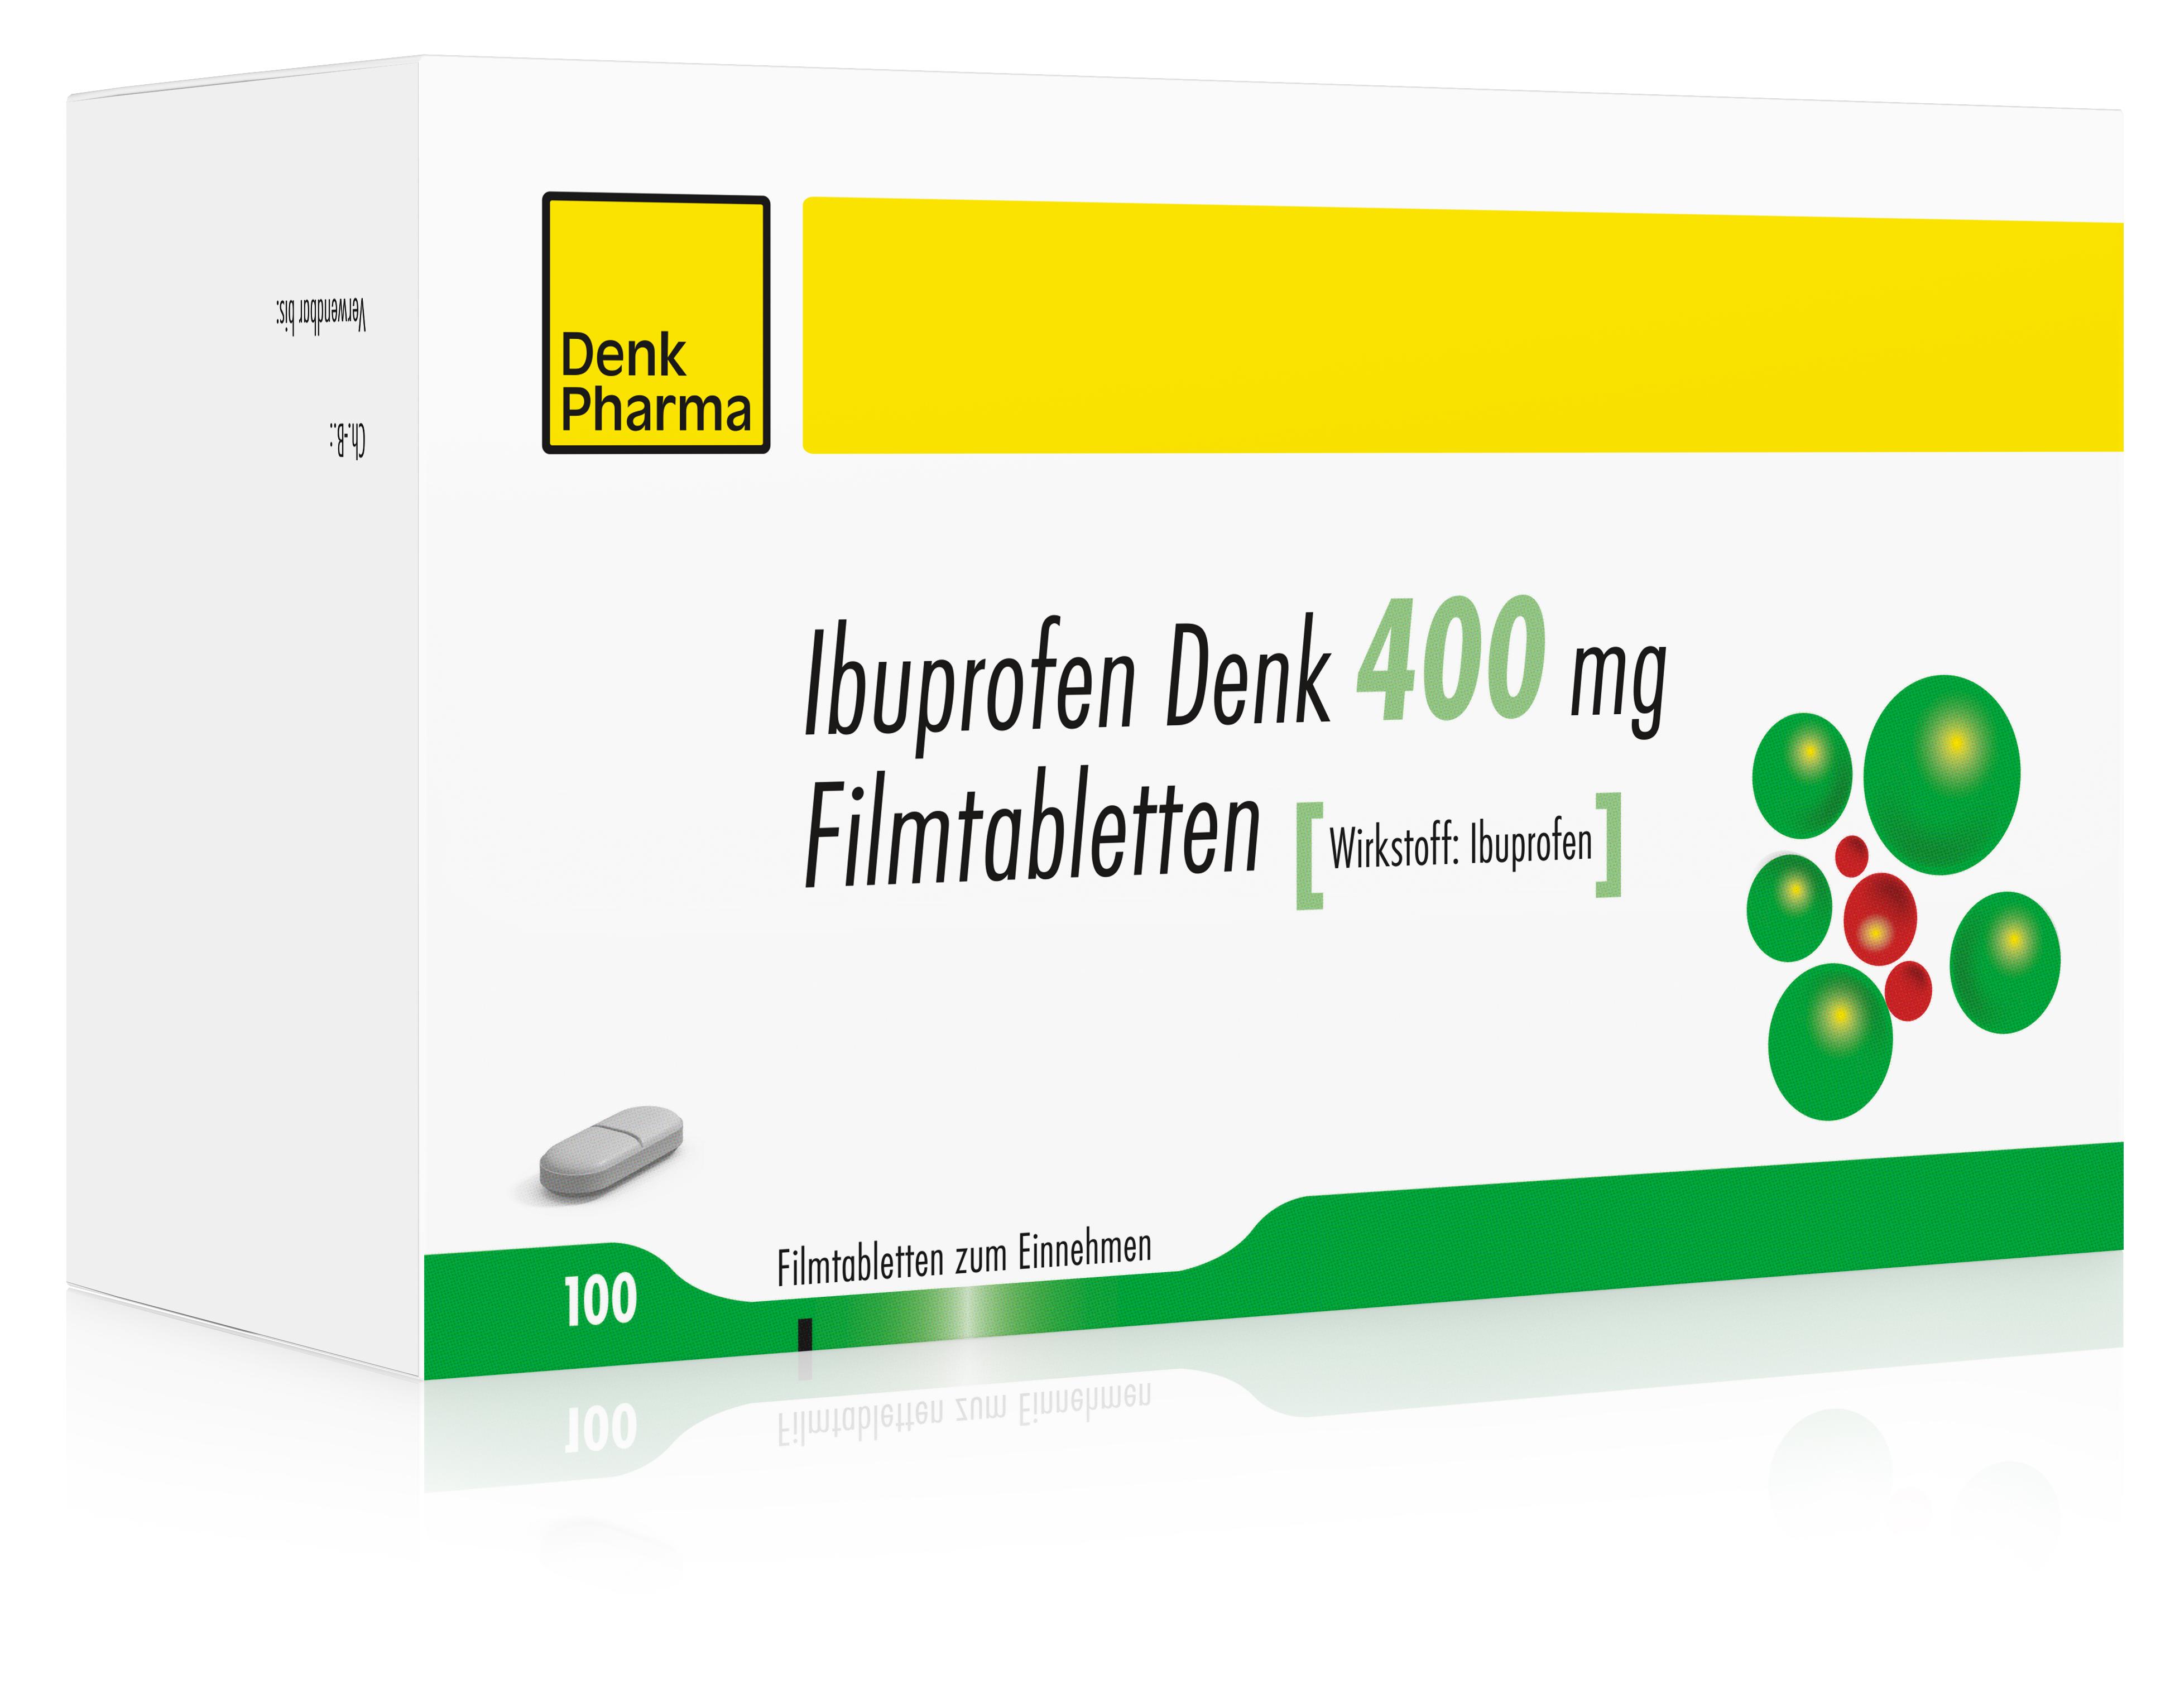 Ibuprofen Denk 400mg gross